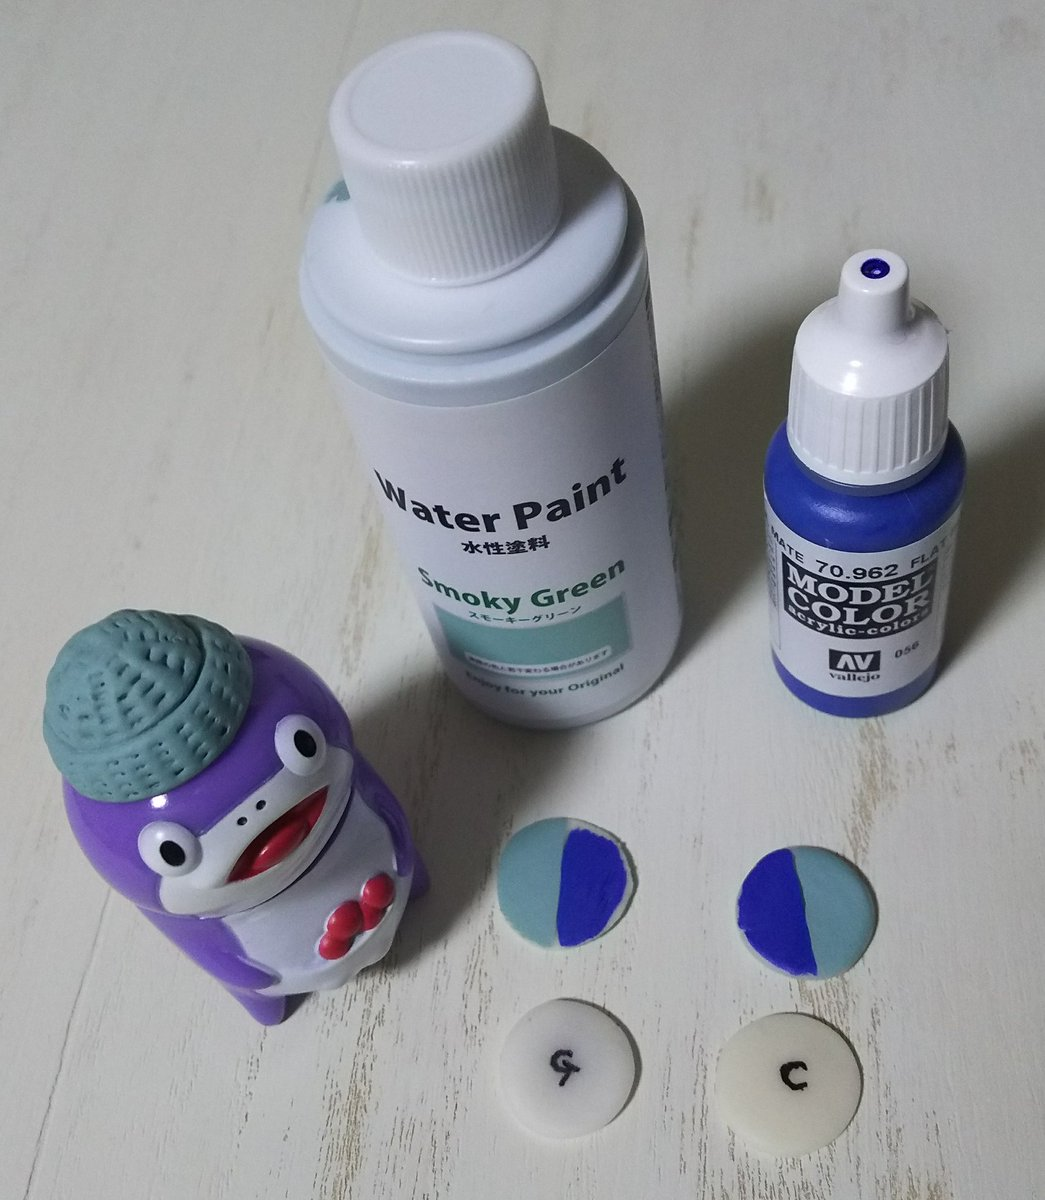 test ツイッターメディア - 帽子はセリアのスモーキーグリーンで塗りました?? (ポンズ師匠ありがとう??)  下の丸いのは試し塗りです?? Gはグレイス、Cはコスモス ファレホの青を半分塗ったので経過を見たいと思いま~す??  それでは、今日はこのへんで??  #コイス #coiss #樹脂粘土 #セリア #ファレホ #半分青い #備忘録 https://t.co/HtLxw68kDf